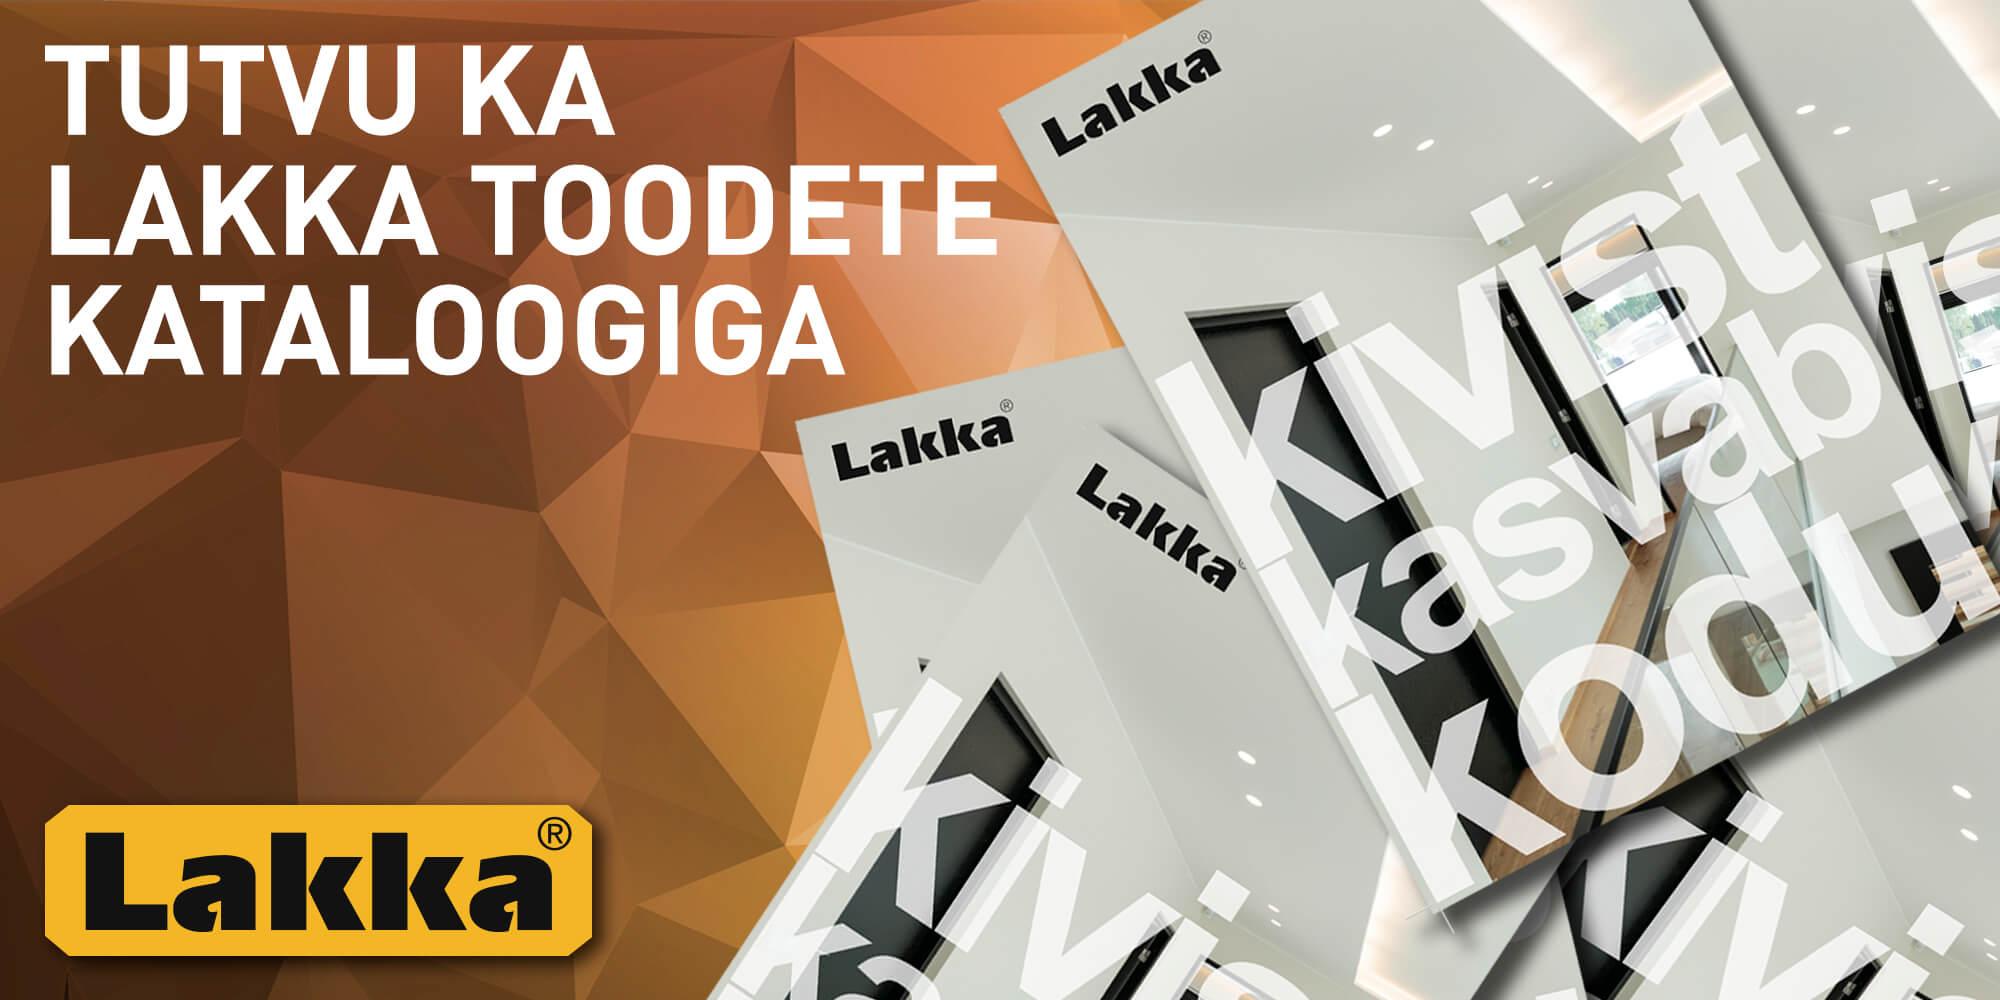 Lakka-TUTVU-KATALOOGIGA